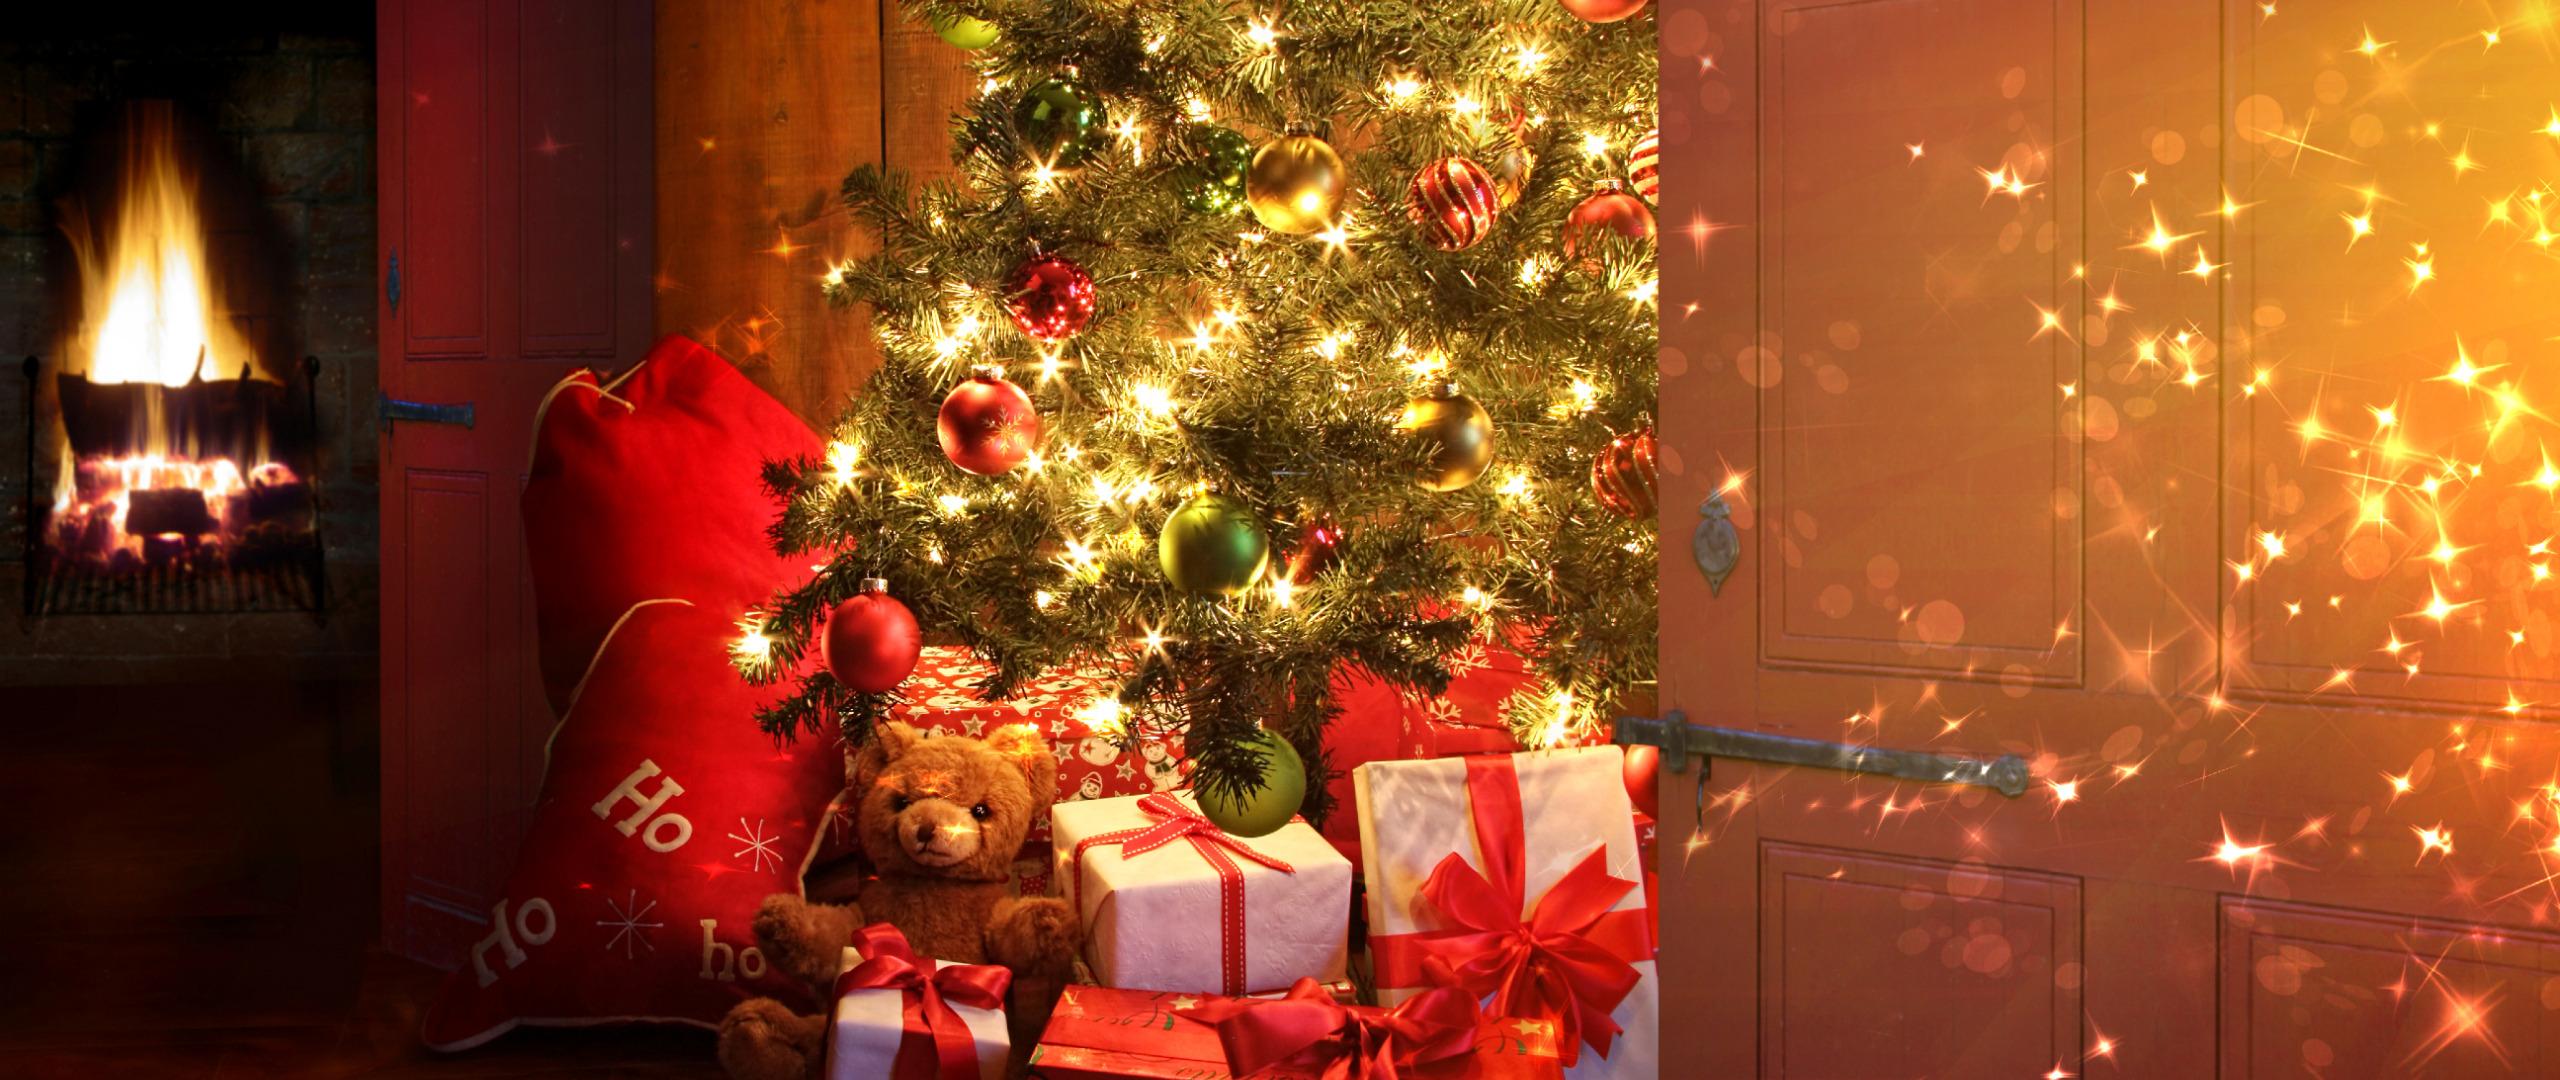 Подарки для лучших друзей на новый год